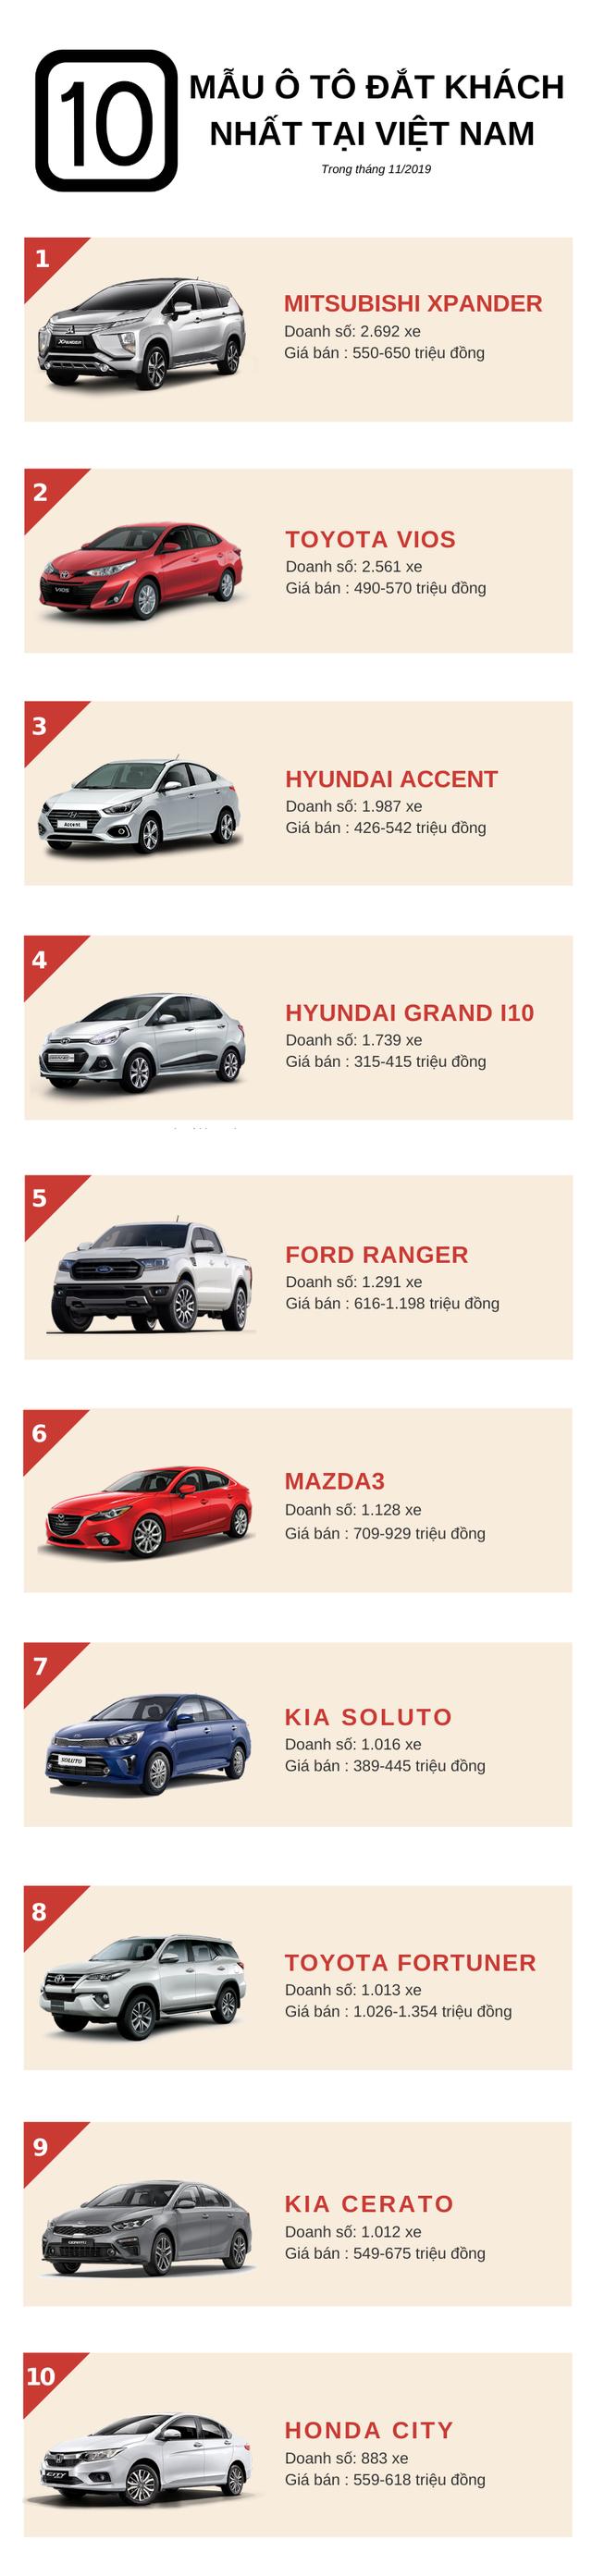 Top 10 ô tô đắt khách nhất tháng 11/2019: Mitsubishi Xpander lần thứ 2 giành ngôi vua, KIA Soluto bứt phá ngoạn mục, Honda CR-V, Mazda CX-5 rời khỏi bảng xếp hạng  - Ảnh 1.